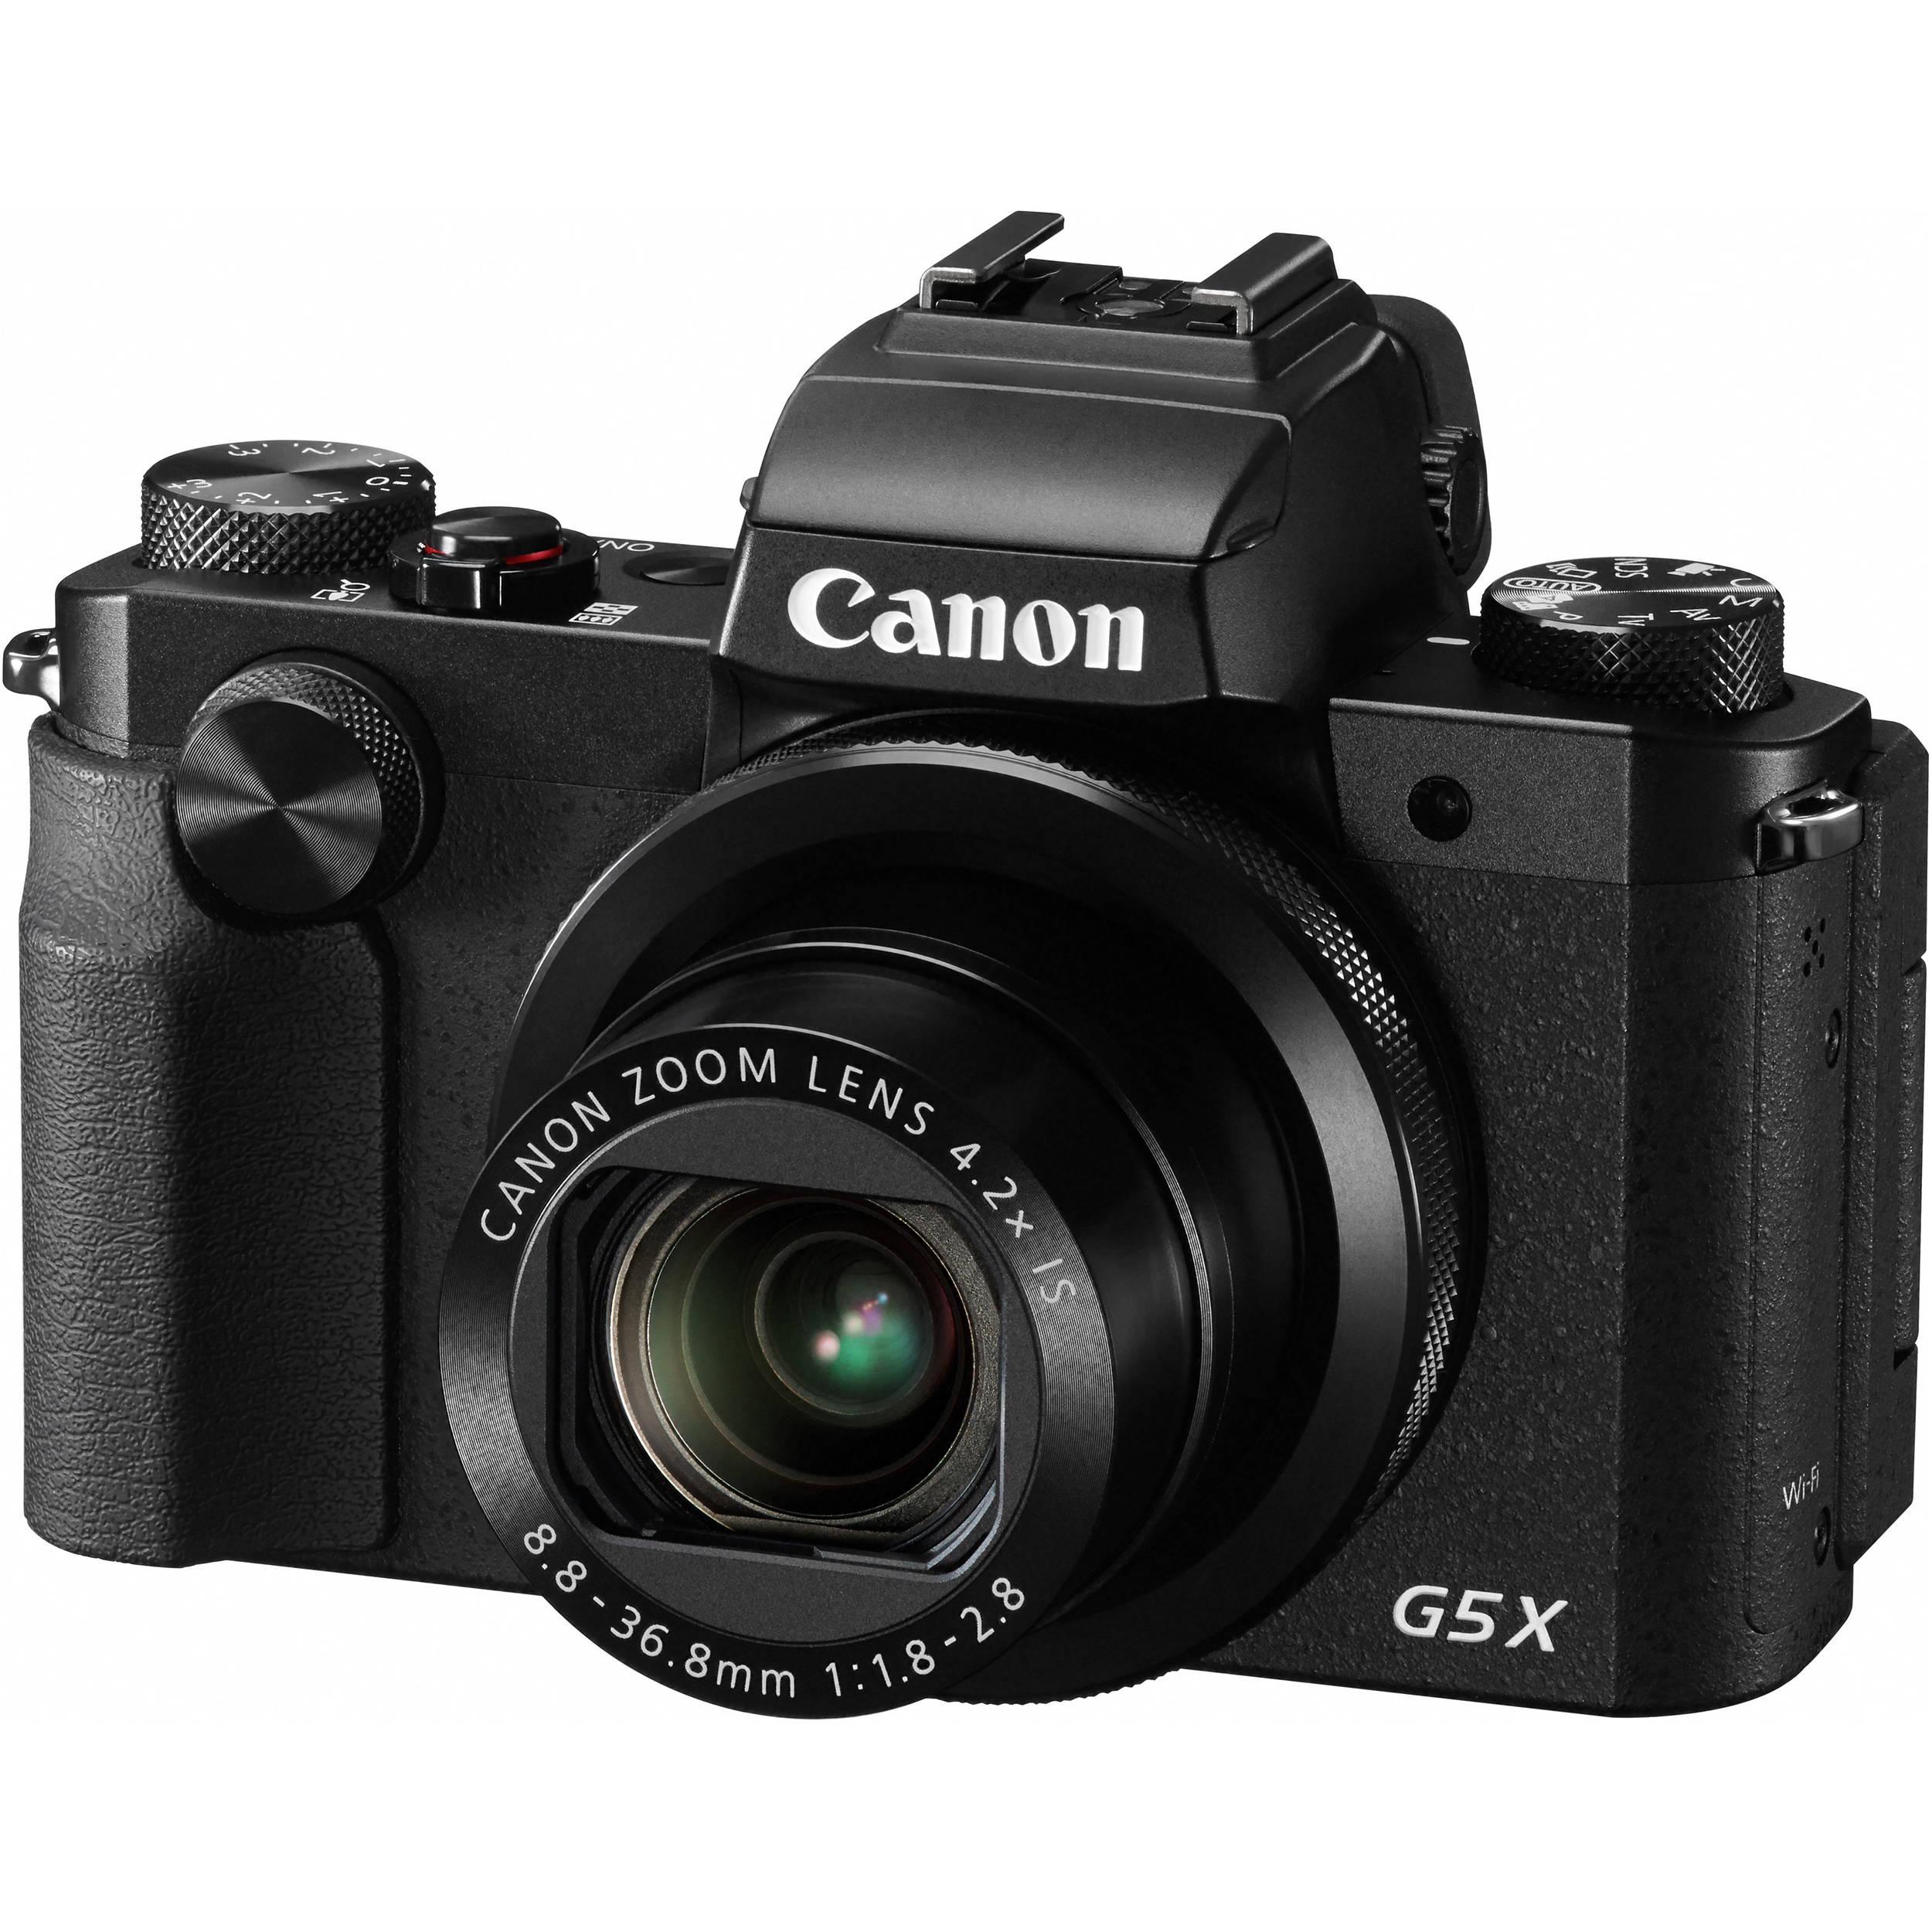 CANON POWERSHOT G5X ile ilgili görsel sonucu